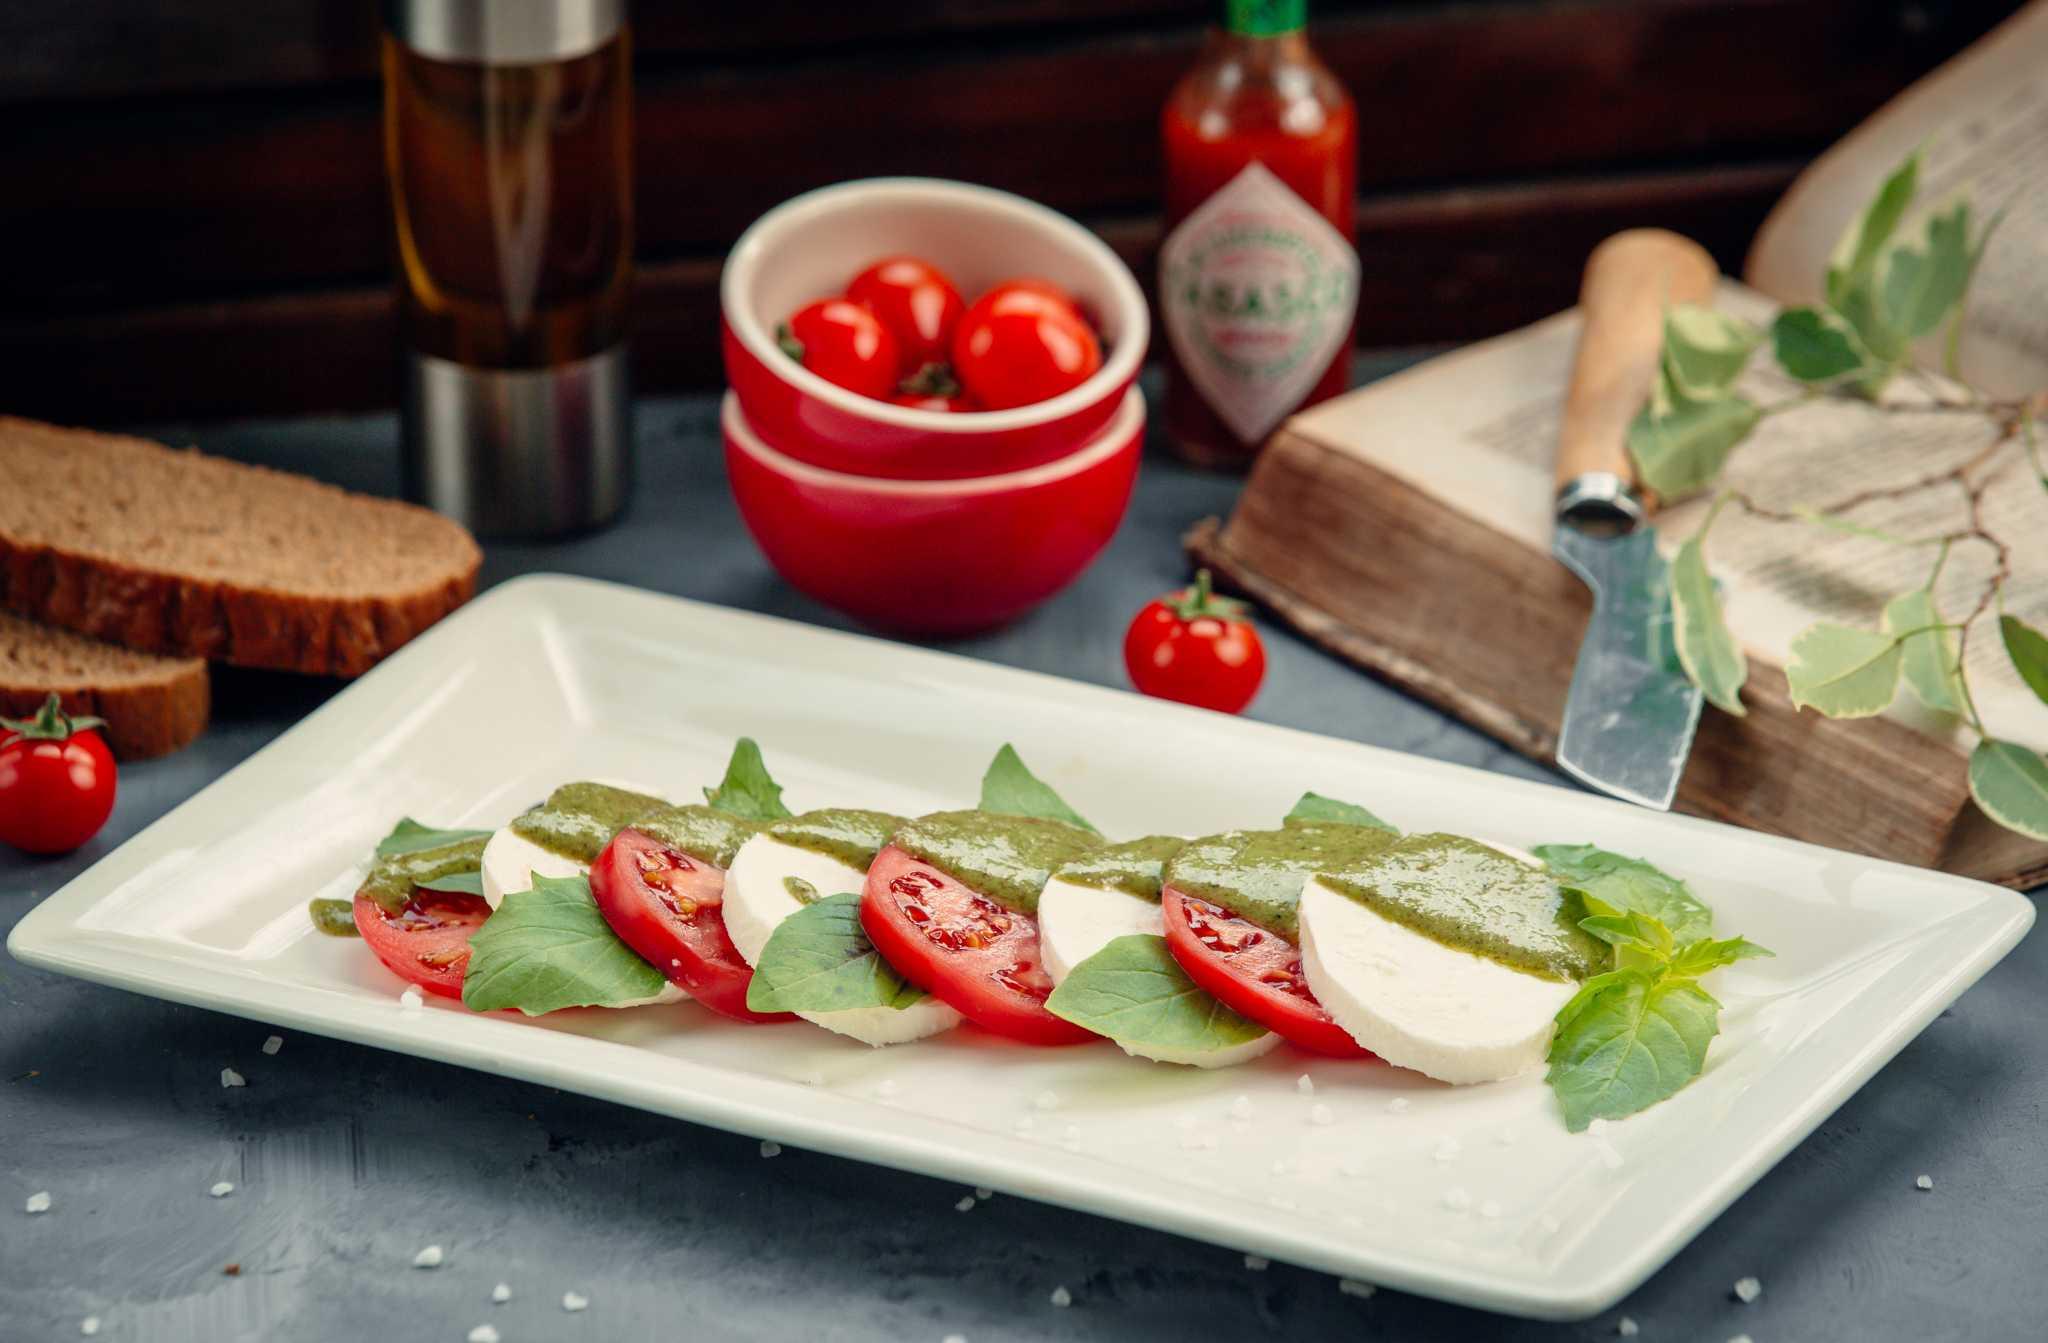 kapris salad